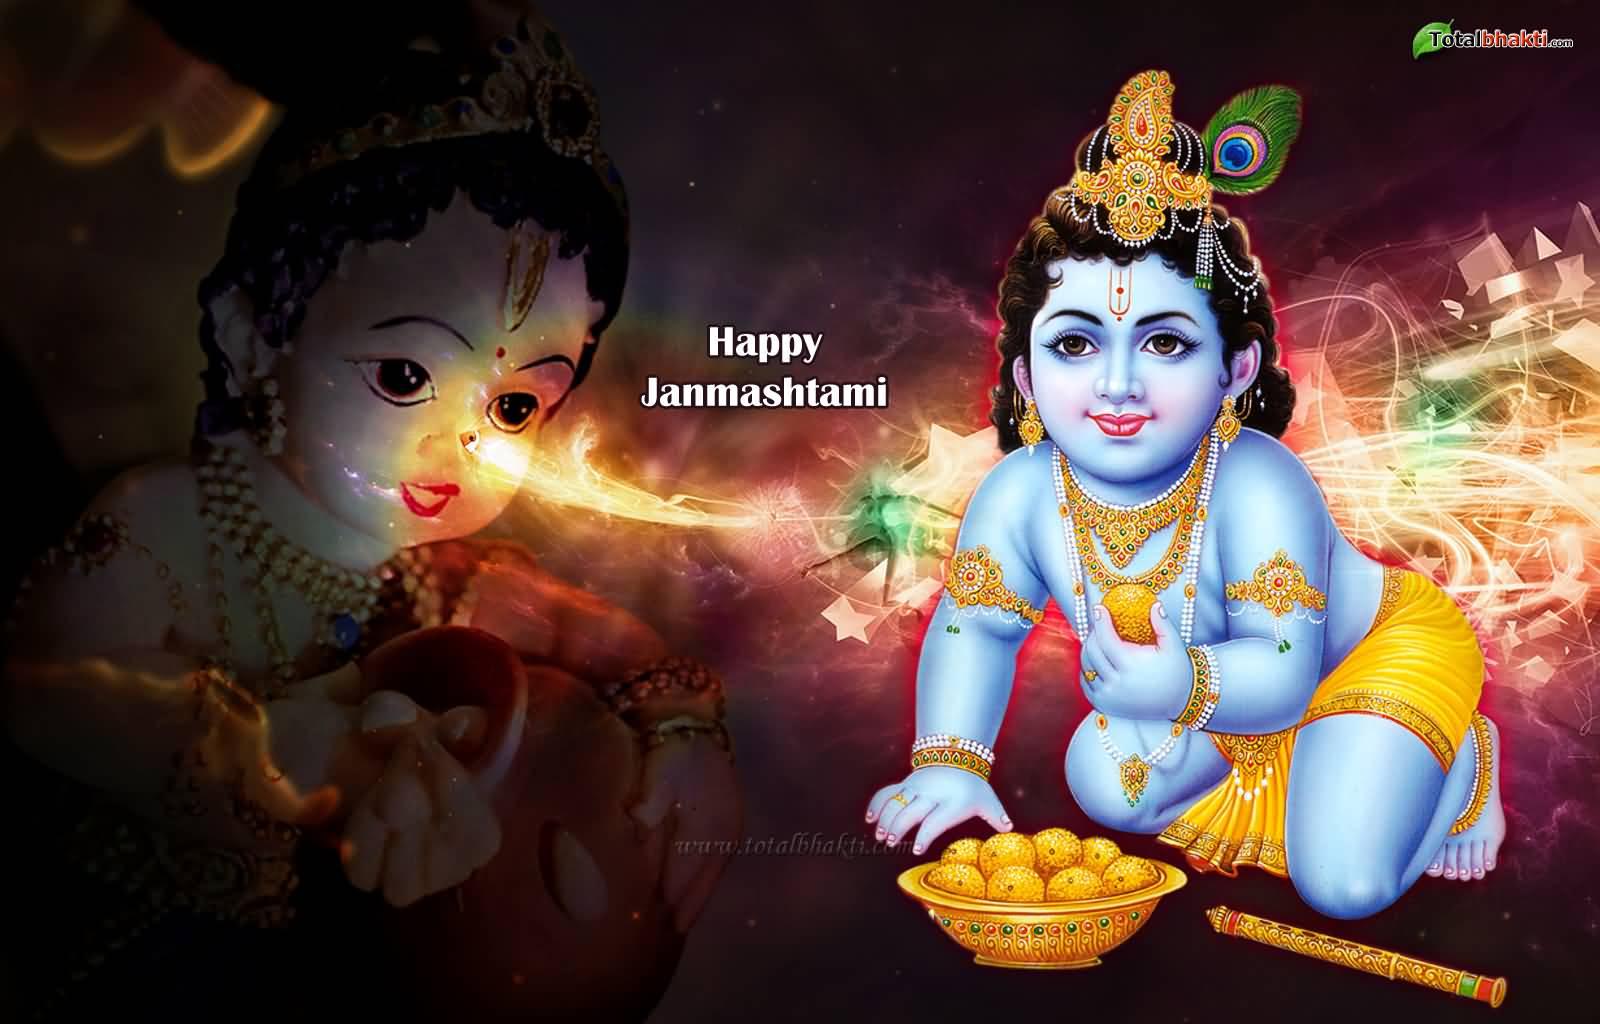 Krishna janmashtami songs pk free download